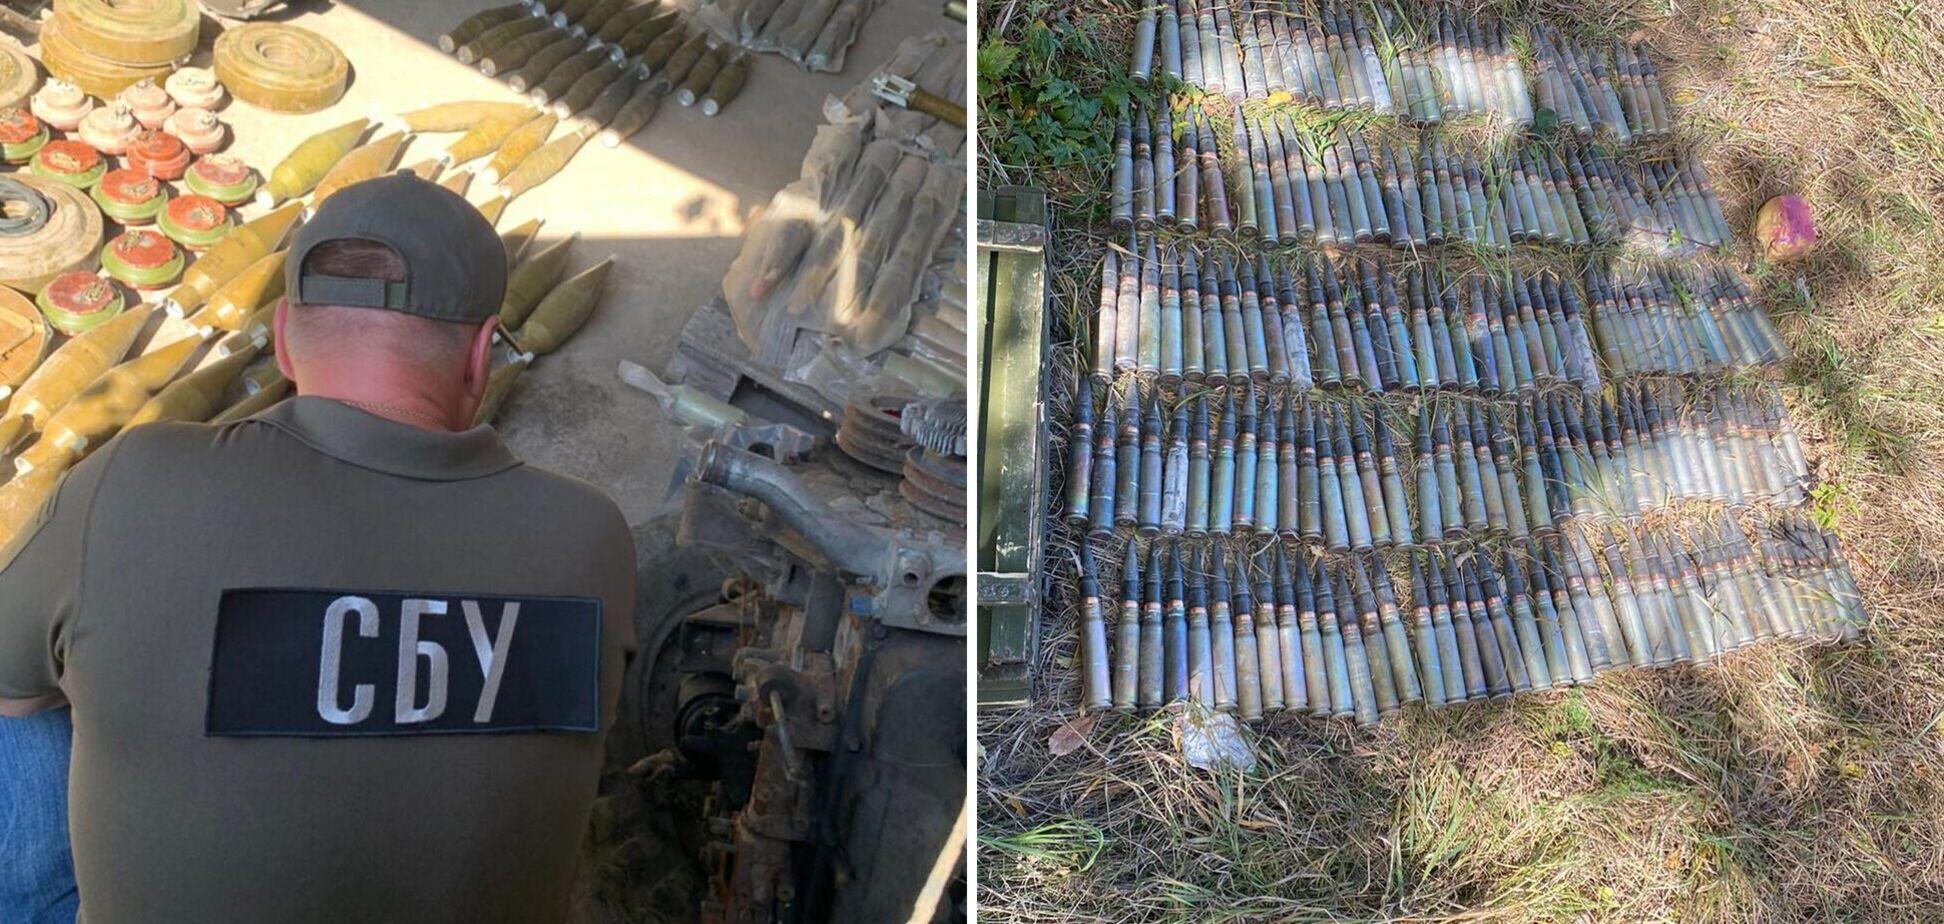 На Донбасі знайшли схрони бойовиків з вибухівкою та мінами: їх могли використовувати для диверсій. Фото